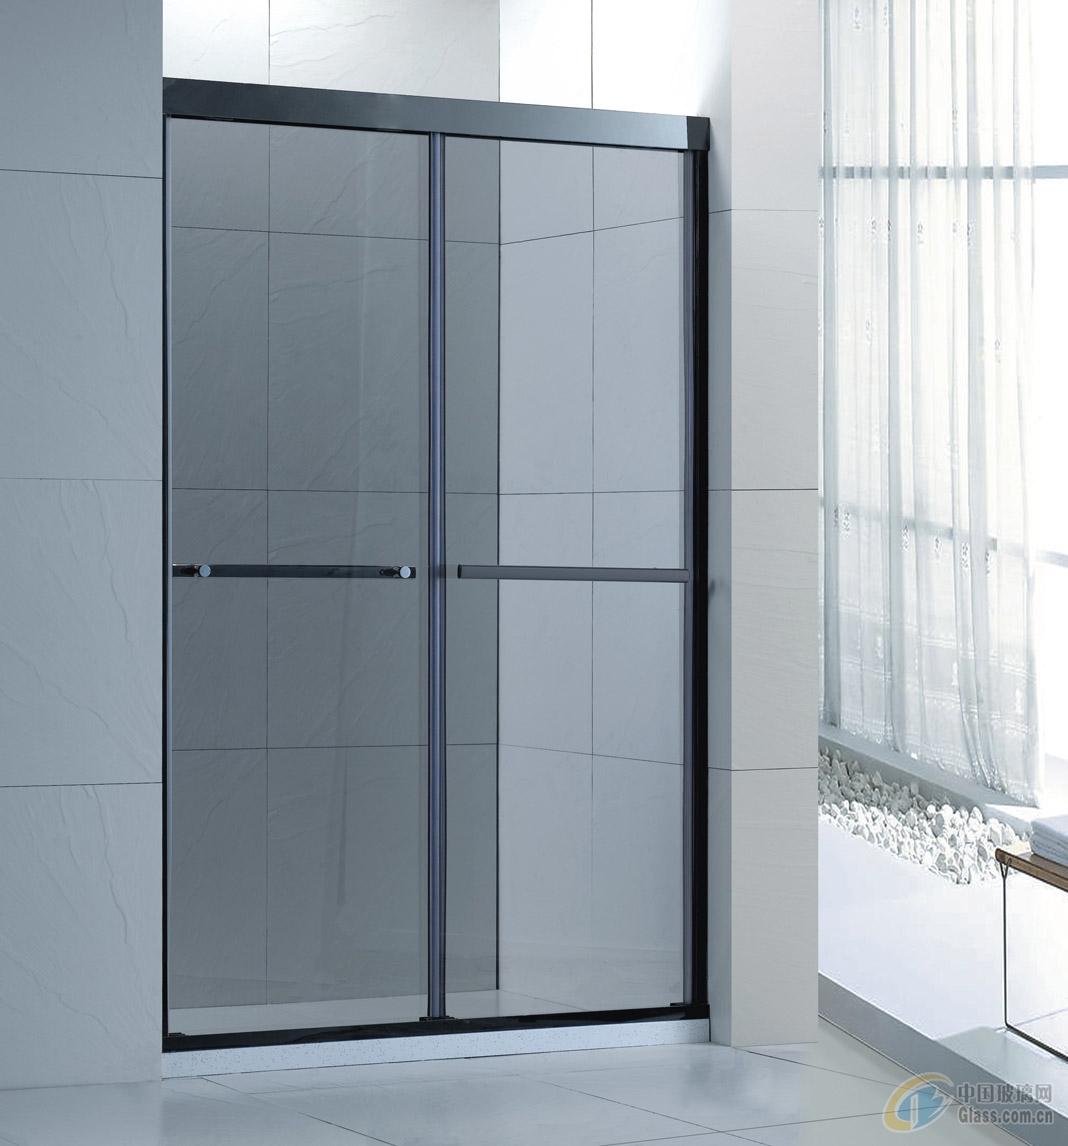 卫生间淋浴隔断 卫生间沐浴隔断厂家